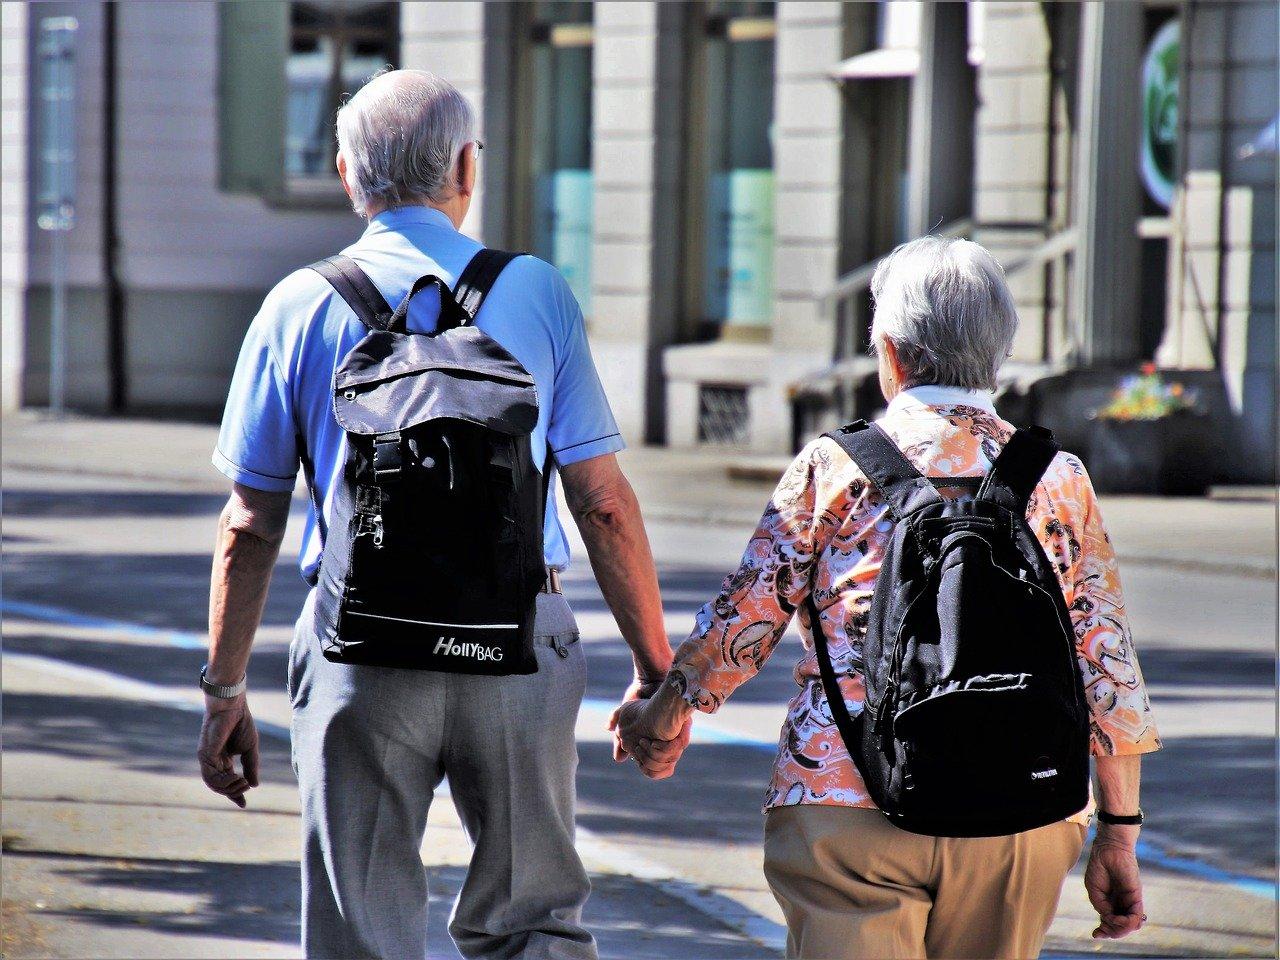 Artikel auf Betreuung für Senioren